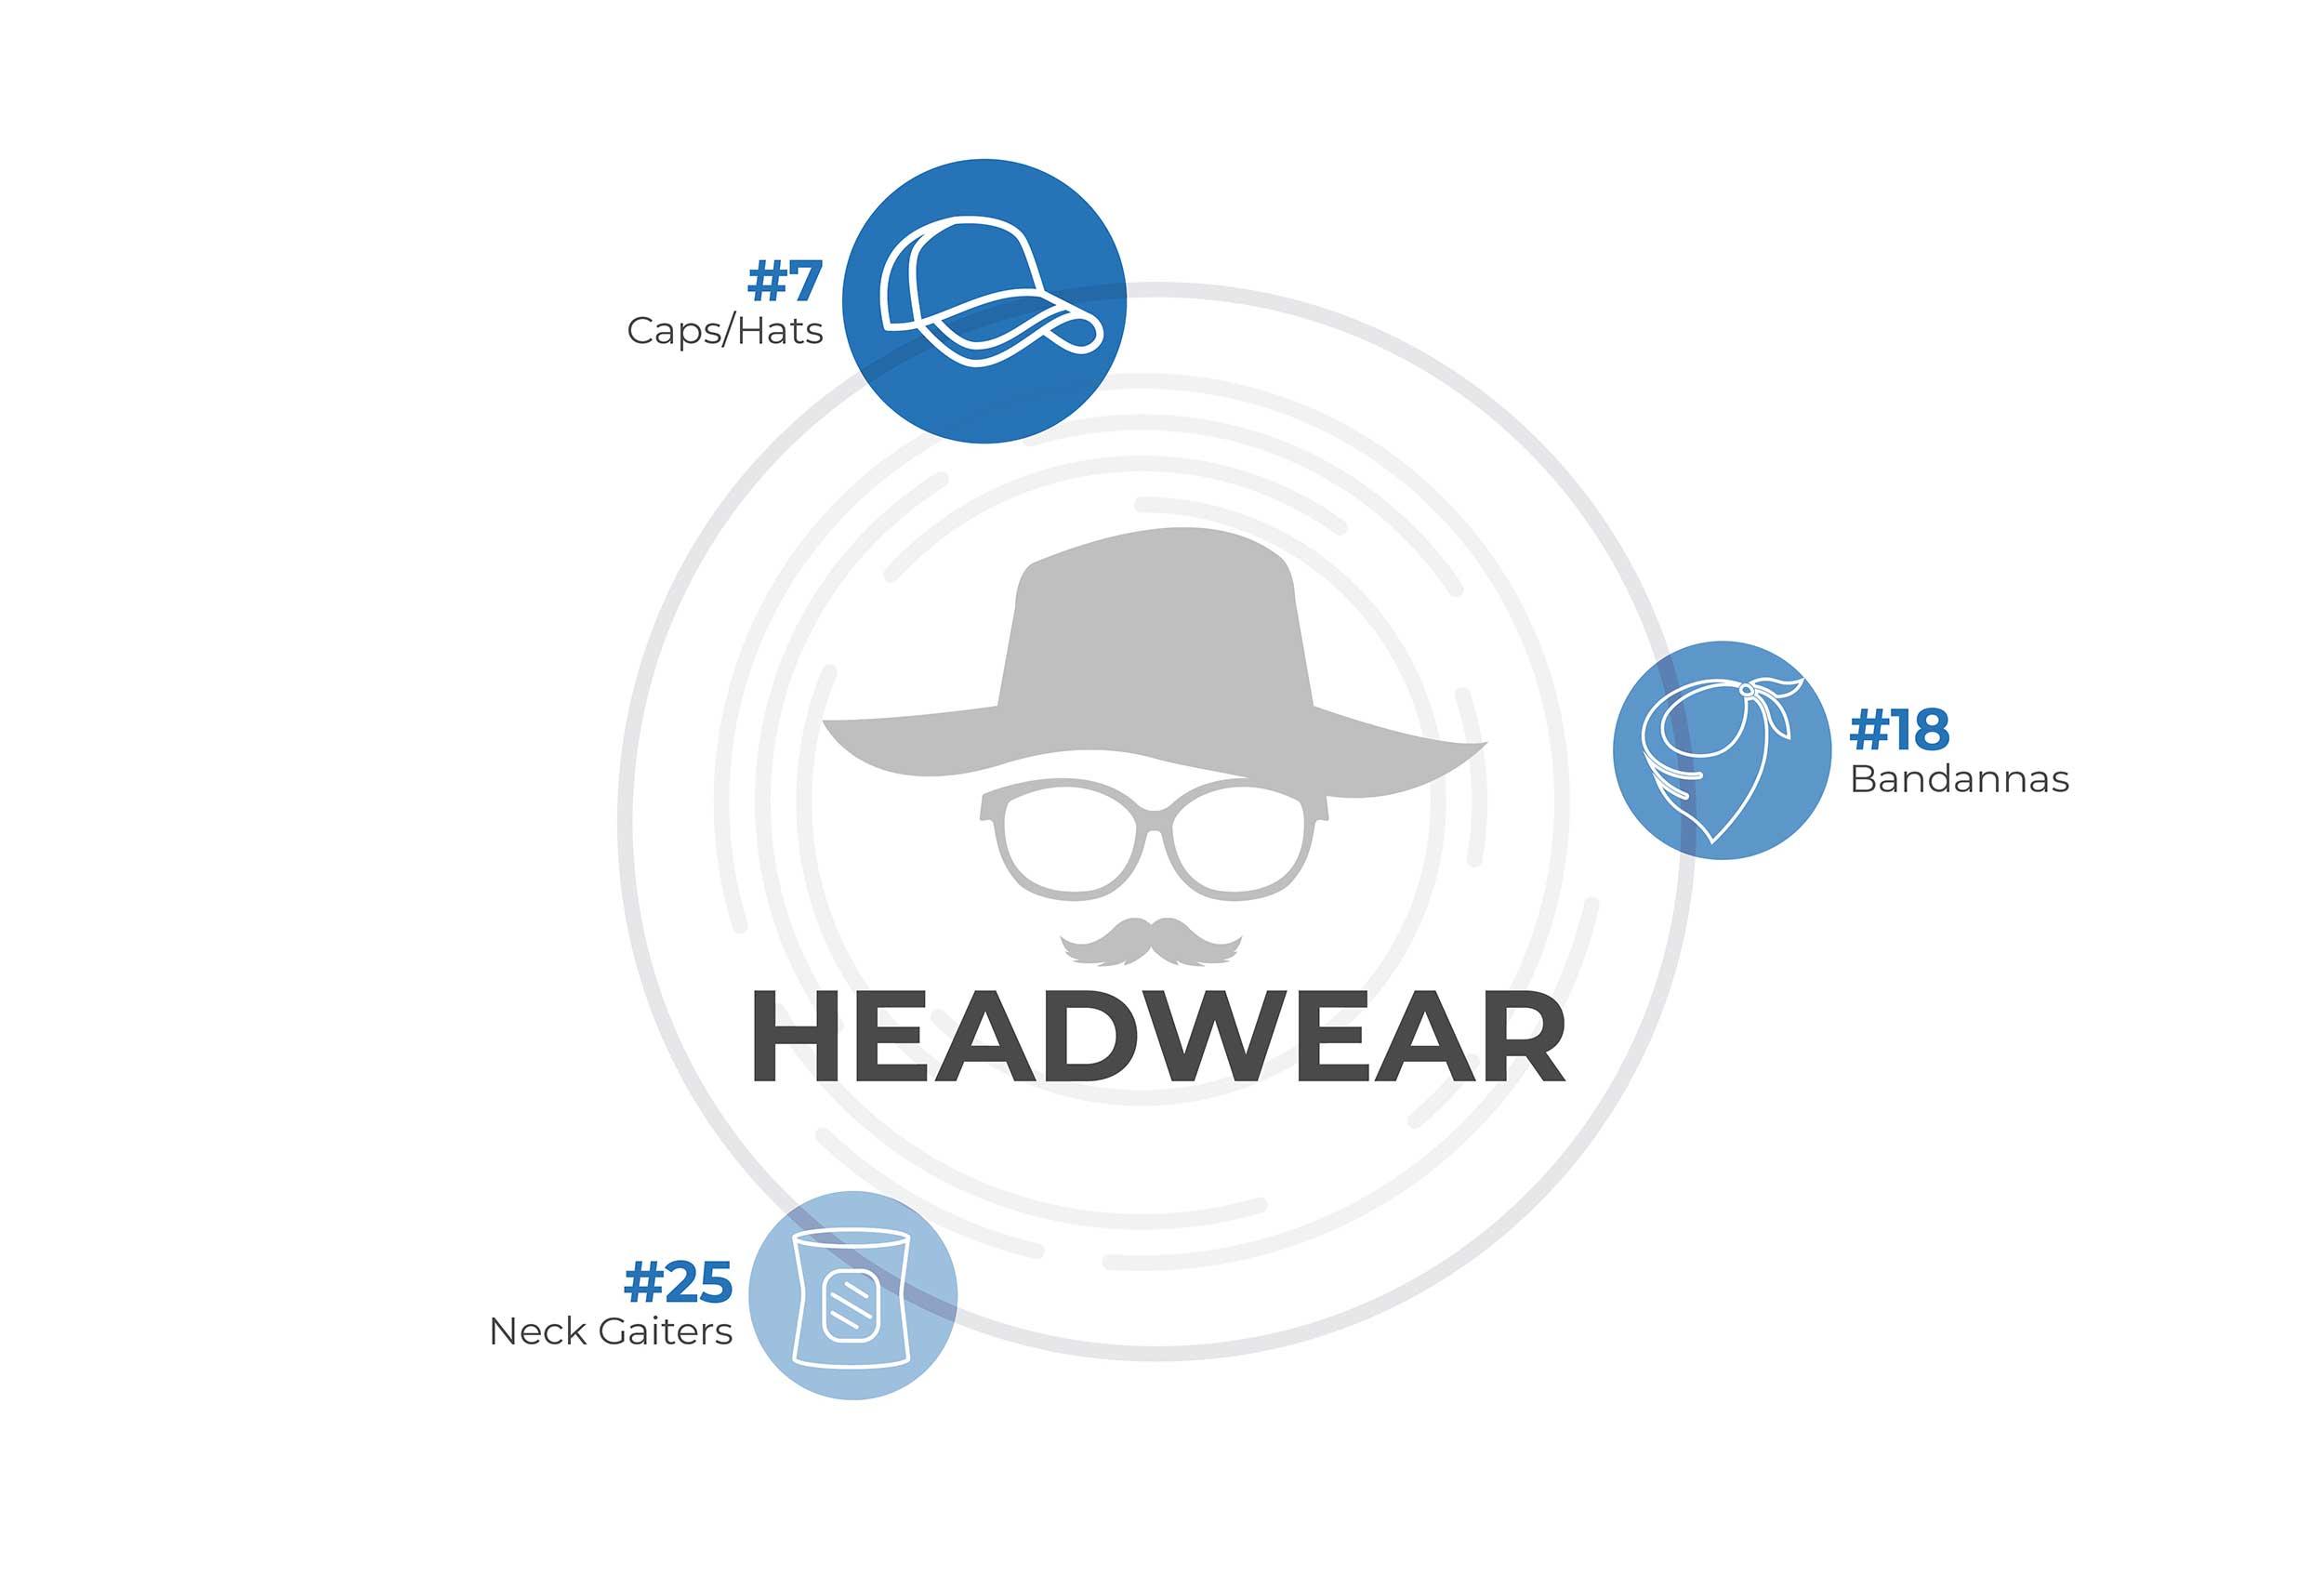 headwear image